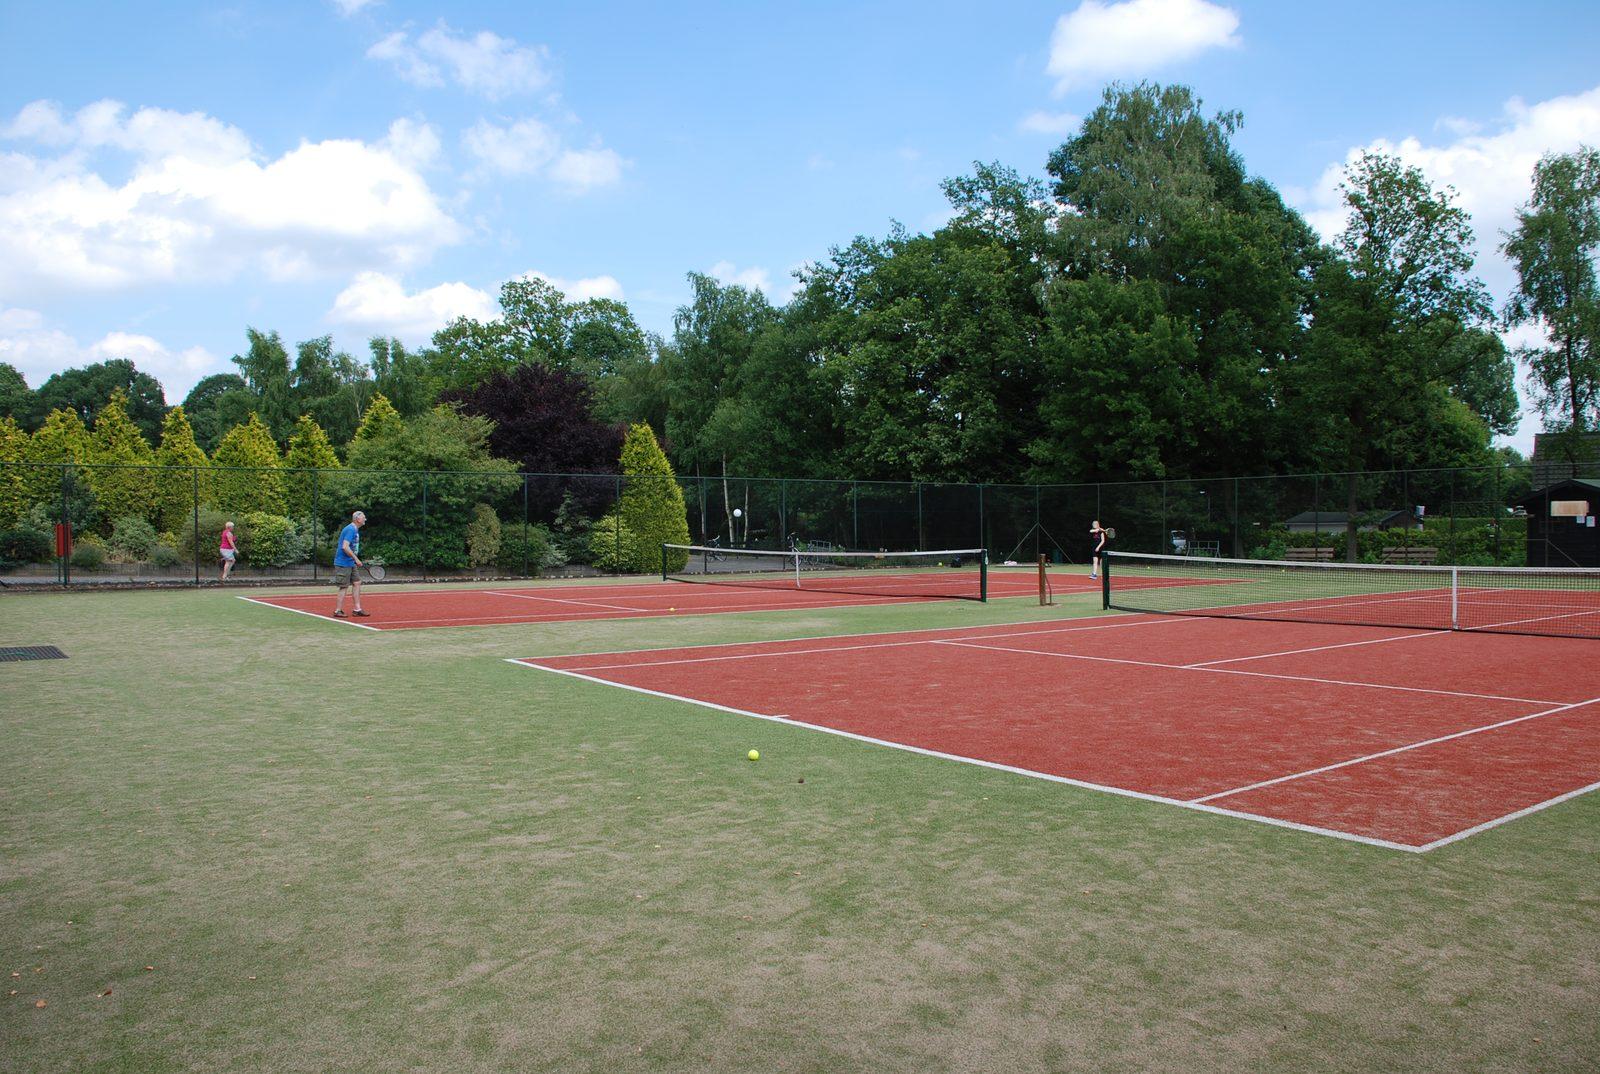 Parc de Kievit beschikt over een 10-persoons vakantiehuis in Brabant, waarbij u gebruik kunt maken van de tennisbanen.